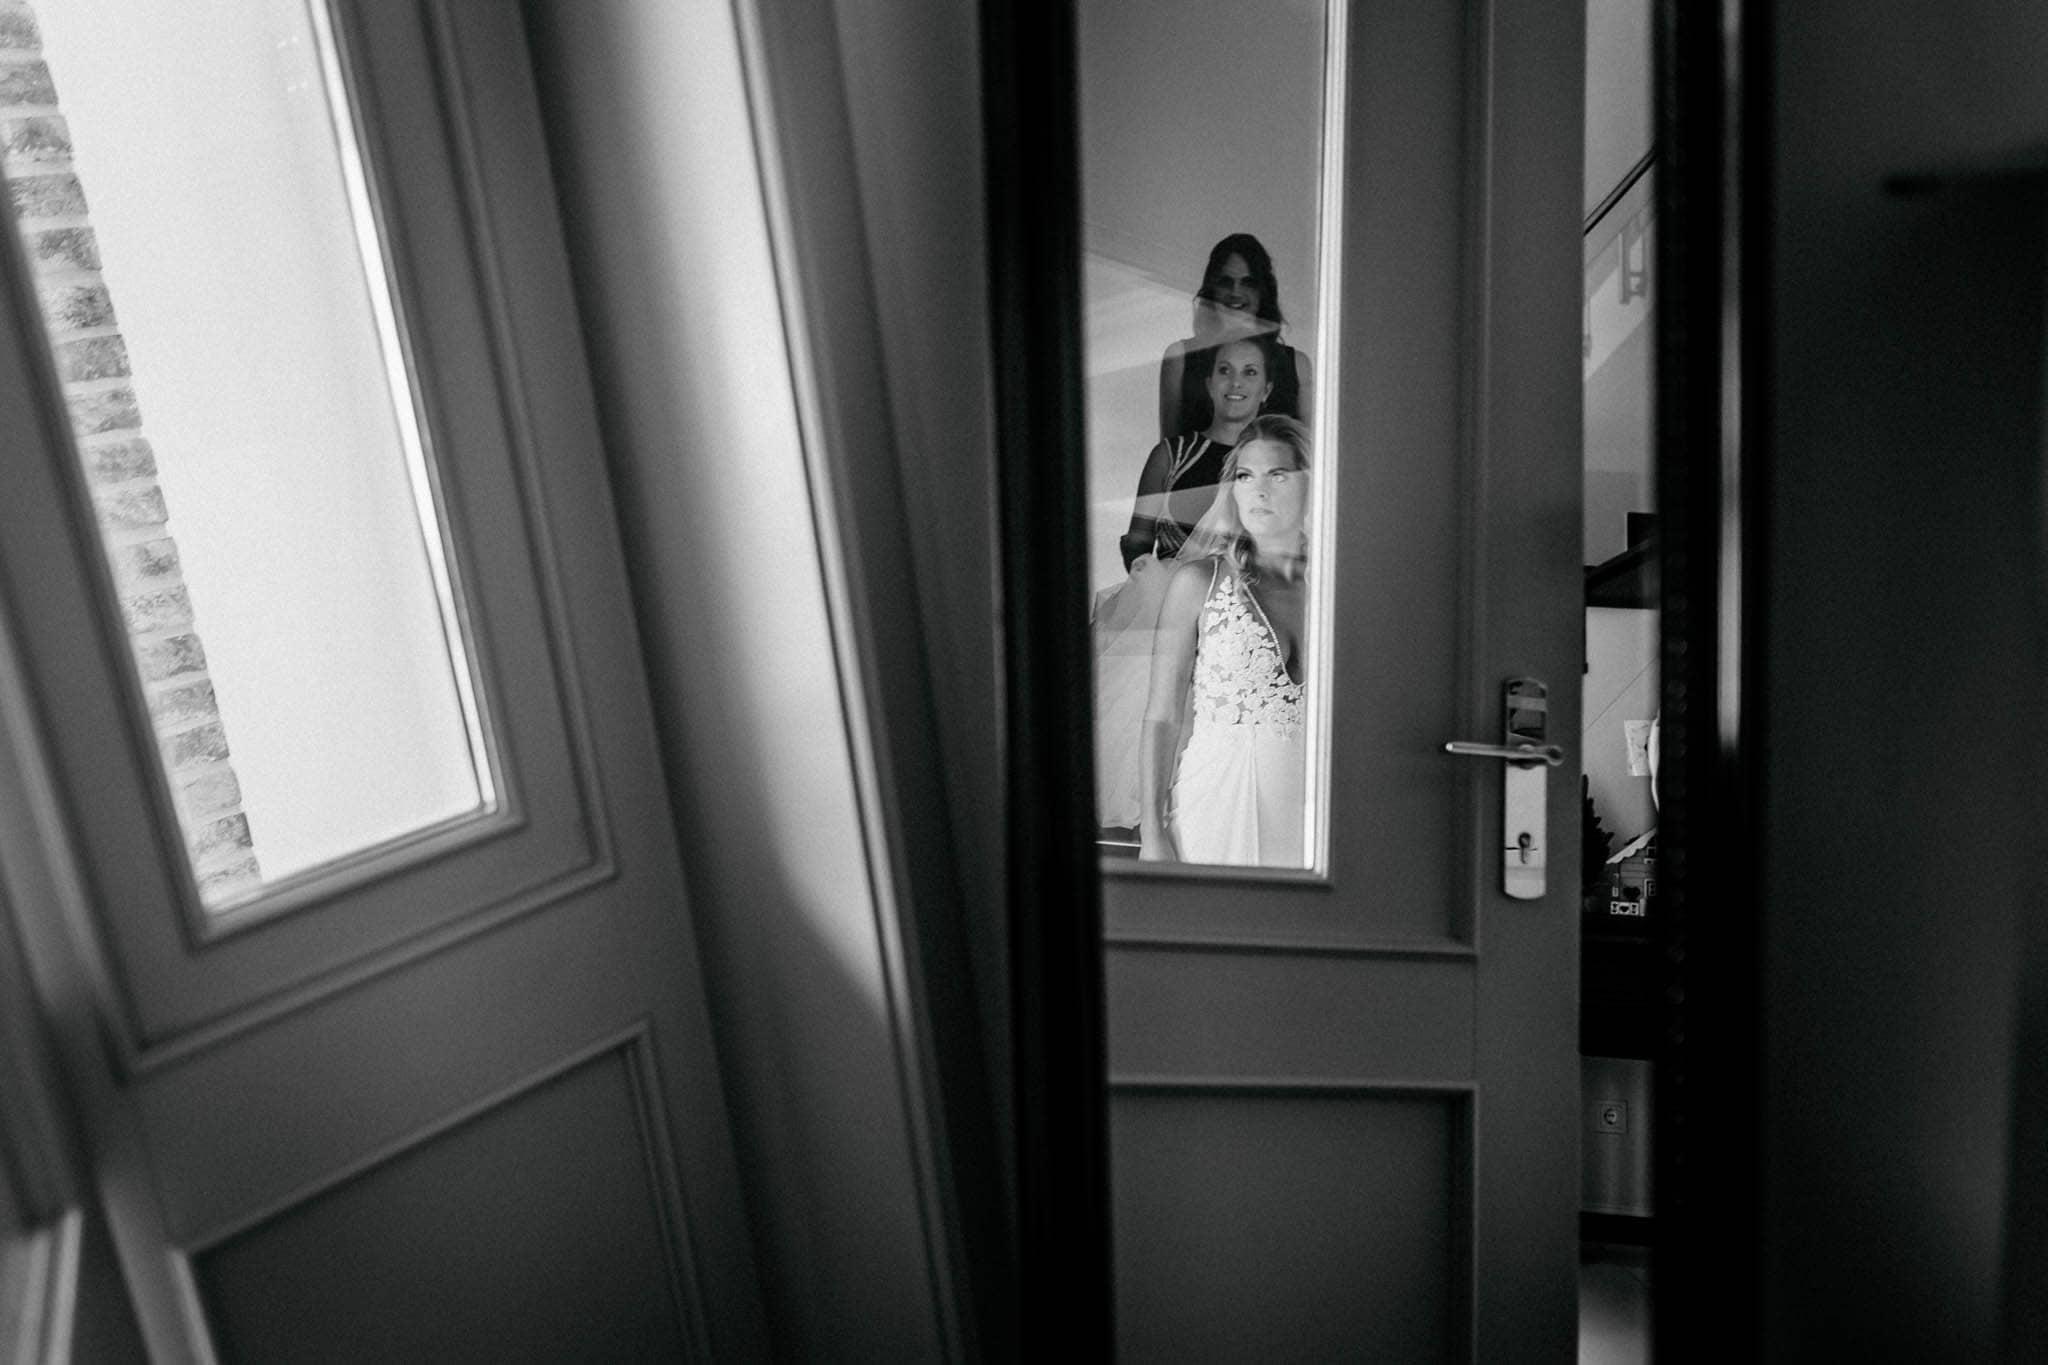 Hochzeitsfieber by Photo-Schomburg, Hochzeitsfotograf, Hamburg, Bremen, Hochzeitstag, Hochzeitspaar, Braut, Bräutigam, Bremen-Kränholm,Knoops Park-51